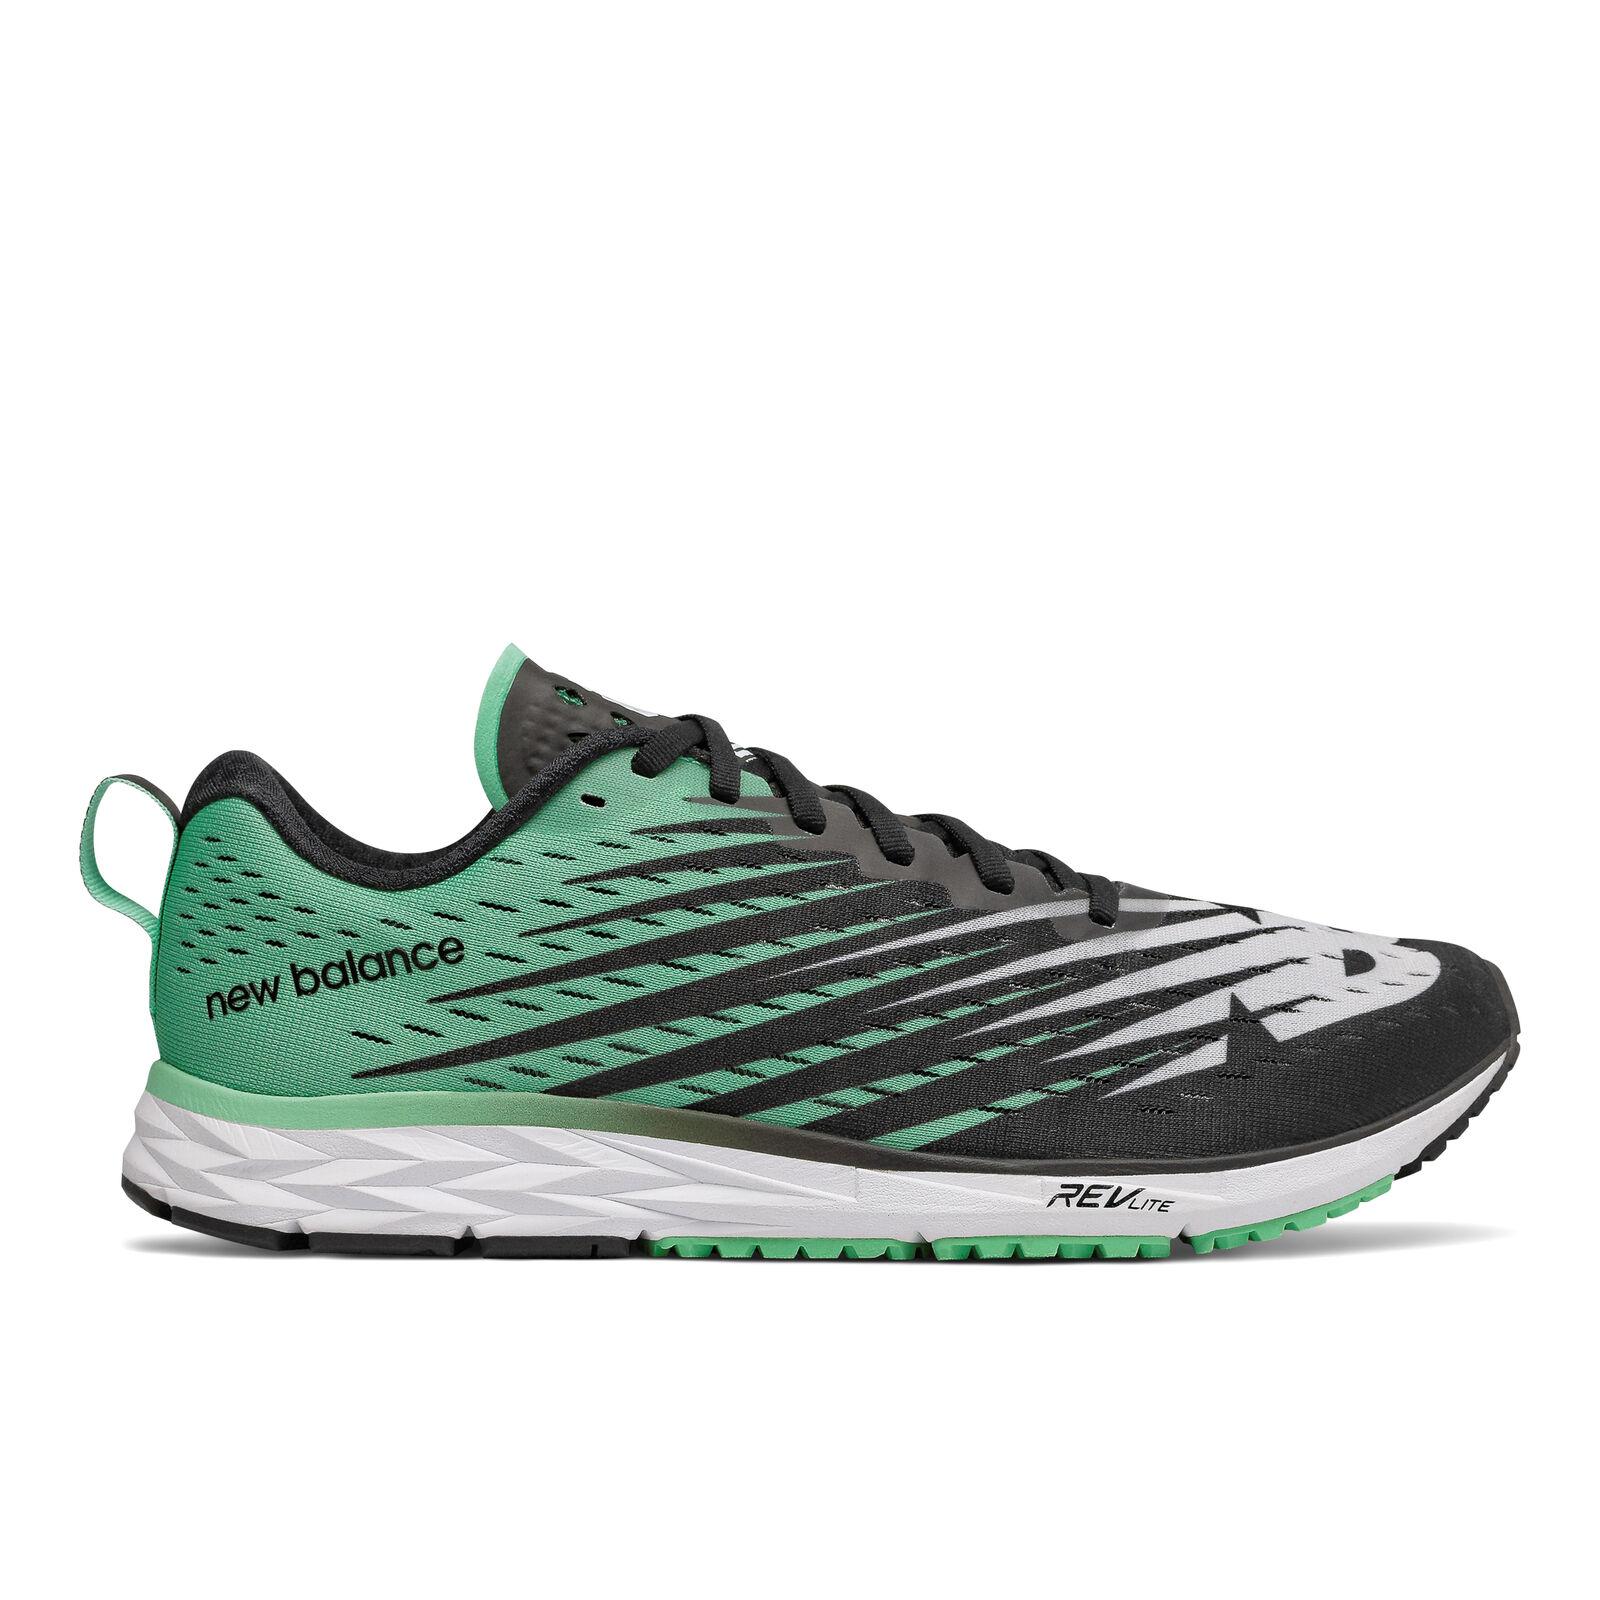 New balance M1500BG5 1500 V5 Negro Neón Esmeralda Para hombres Zapatos para correr